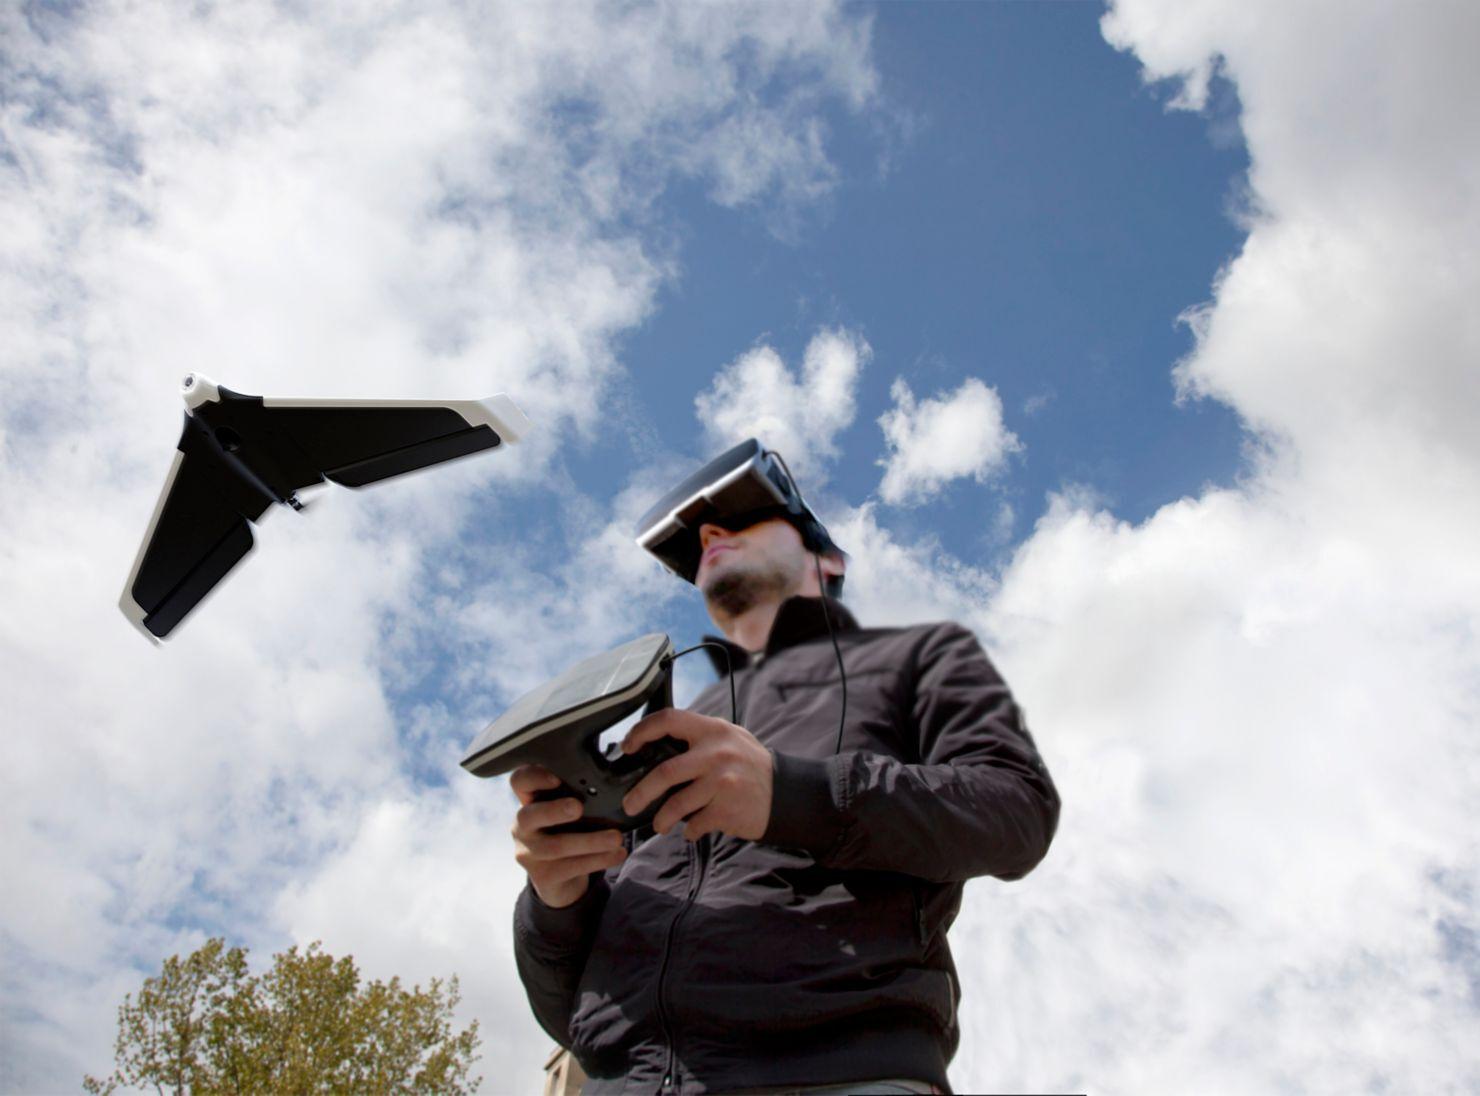 Drone Parrot Parrot DiscoverFpv En DronesParis Drone 0OPkXnNw8